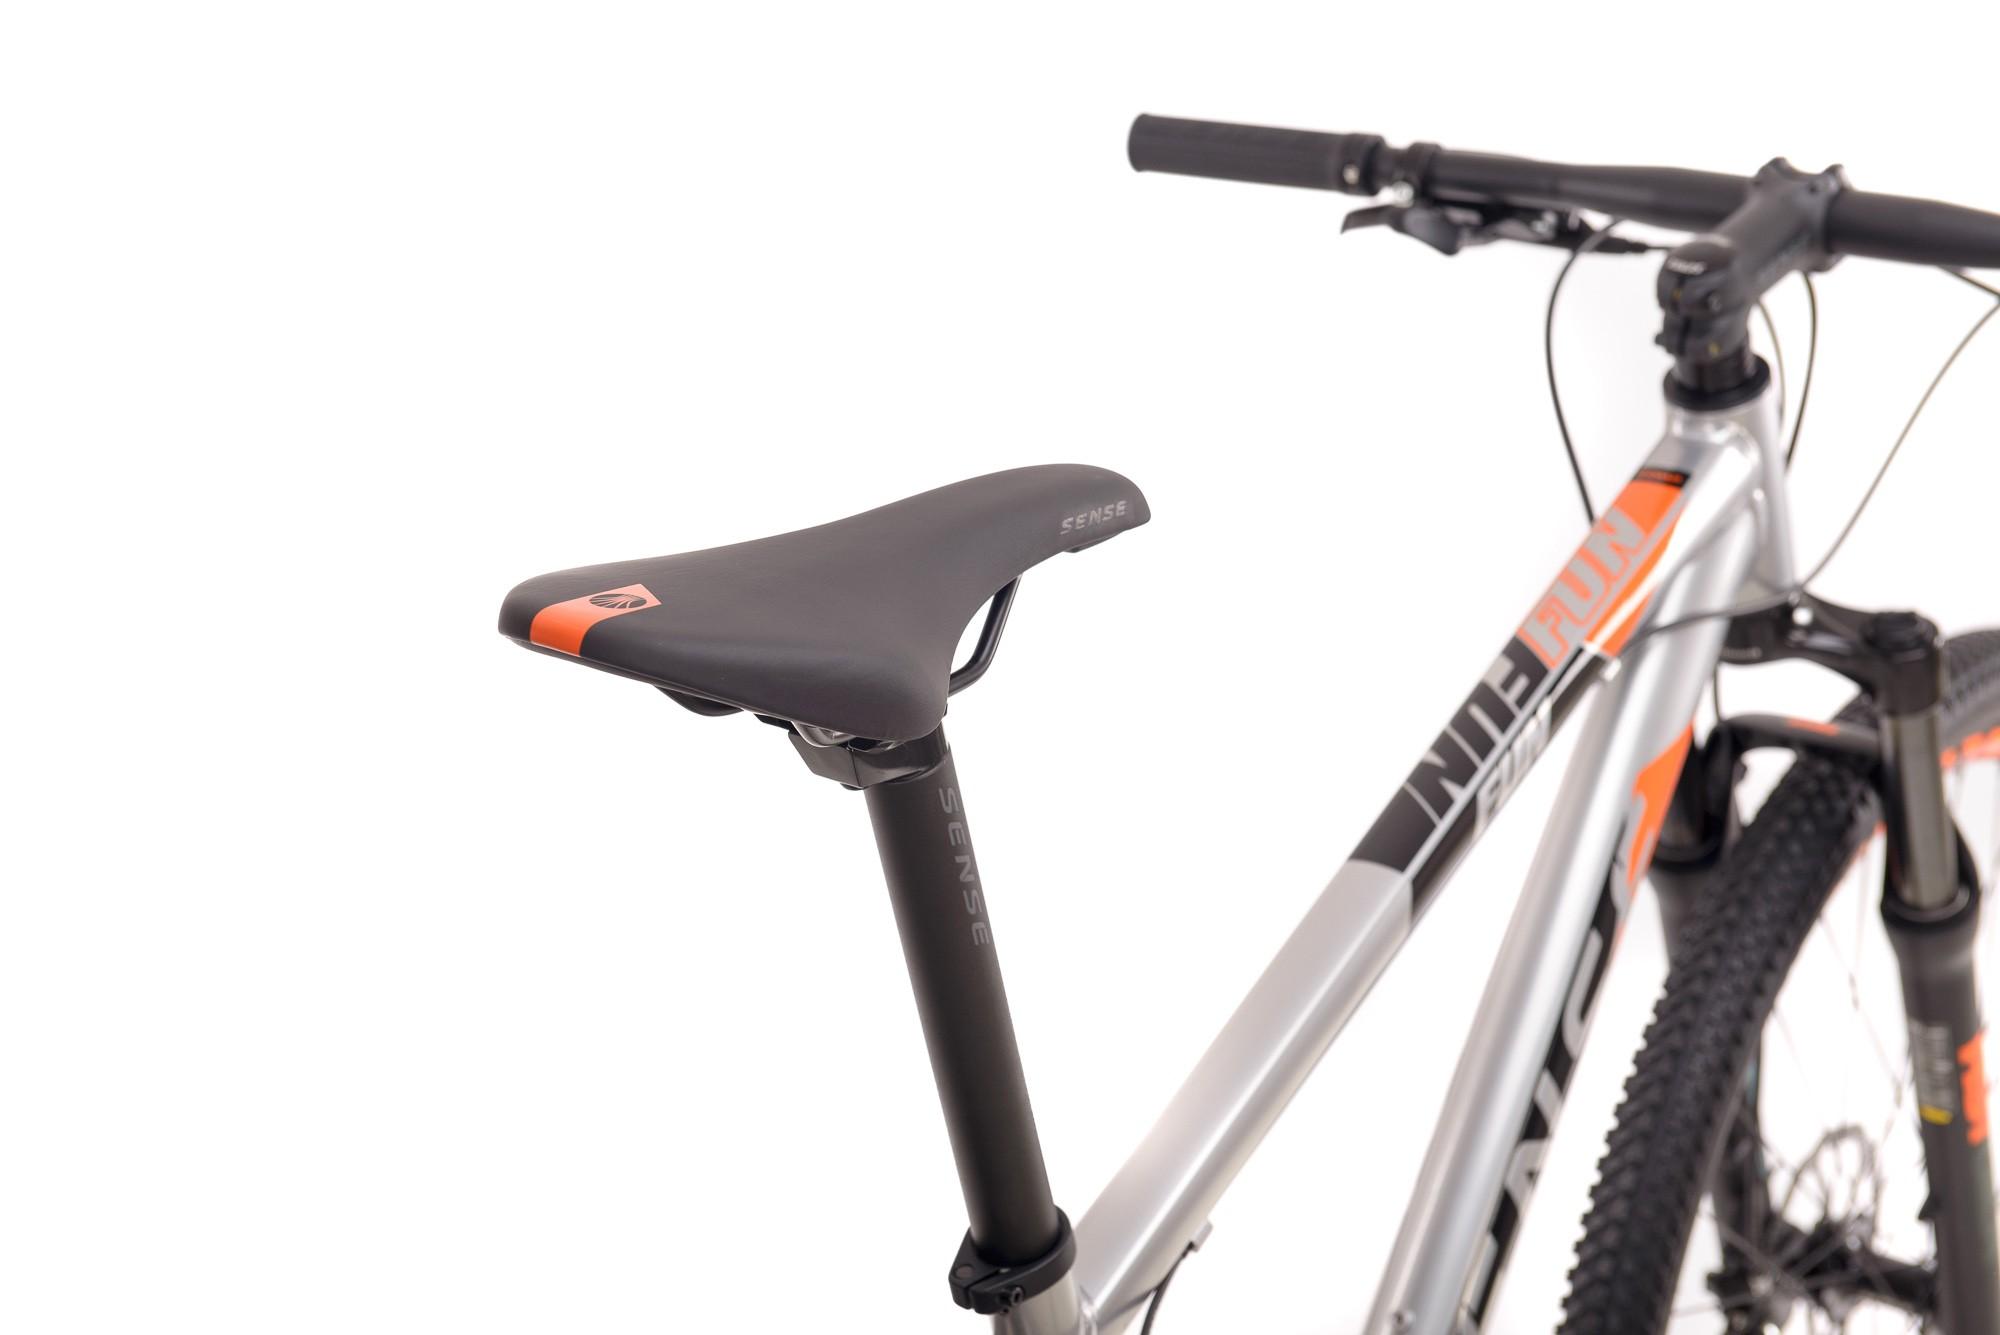 Bicicleta SENSE Fun Comp 2021 - 16v Shimano Altus / Tourney - Freio Shimano Hidráulico - Suspensão RST Gila - Cinza/Laranja